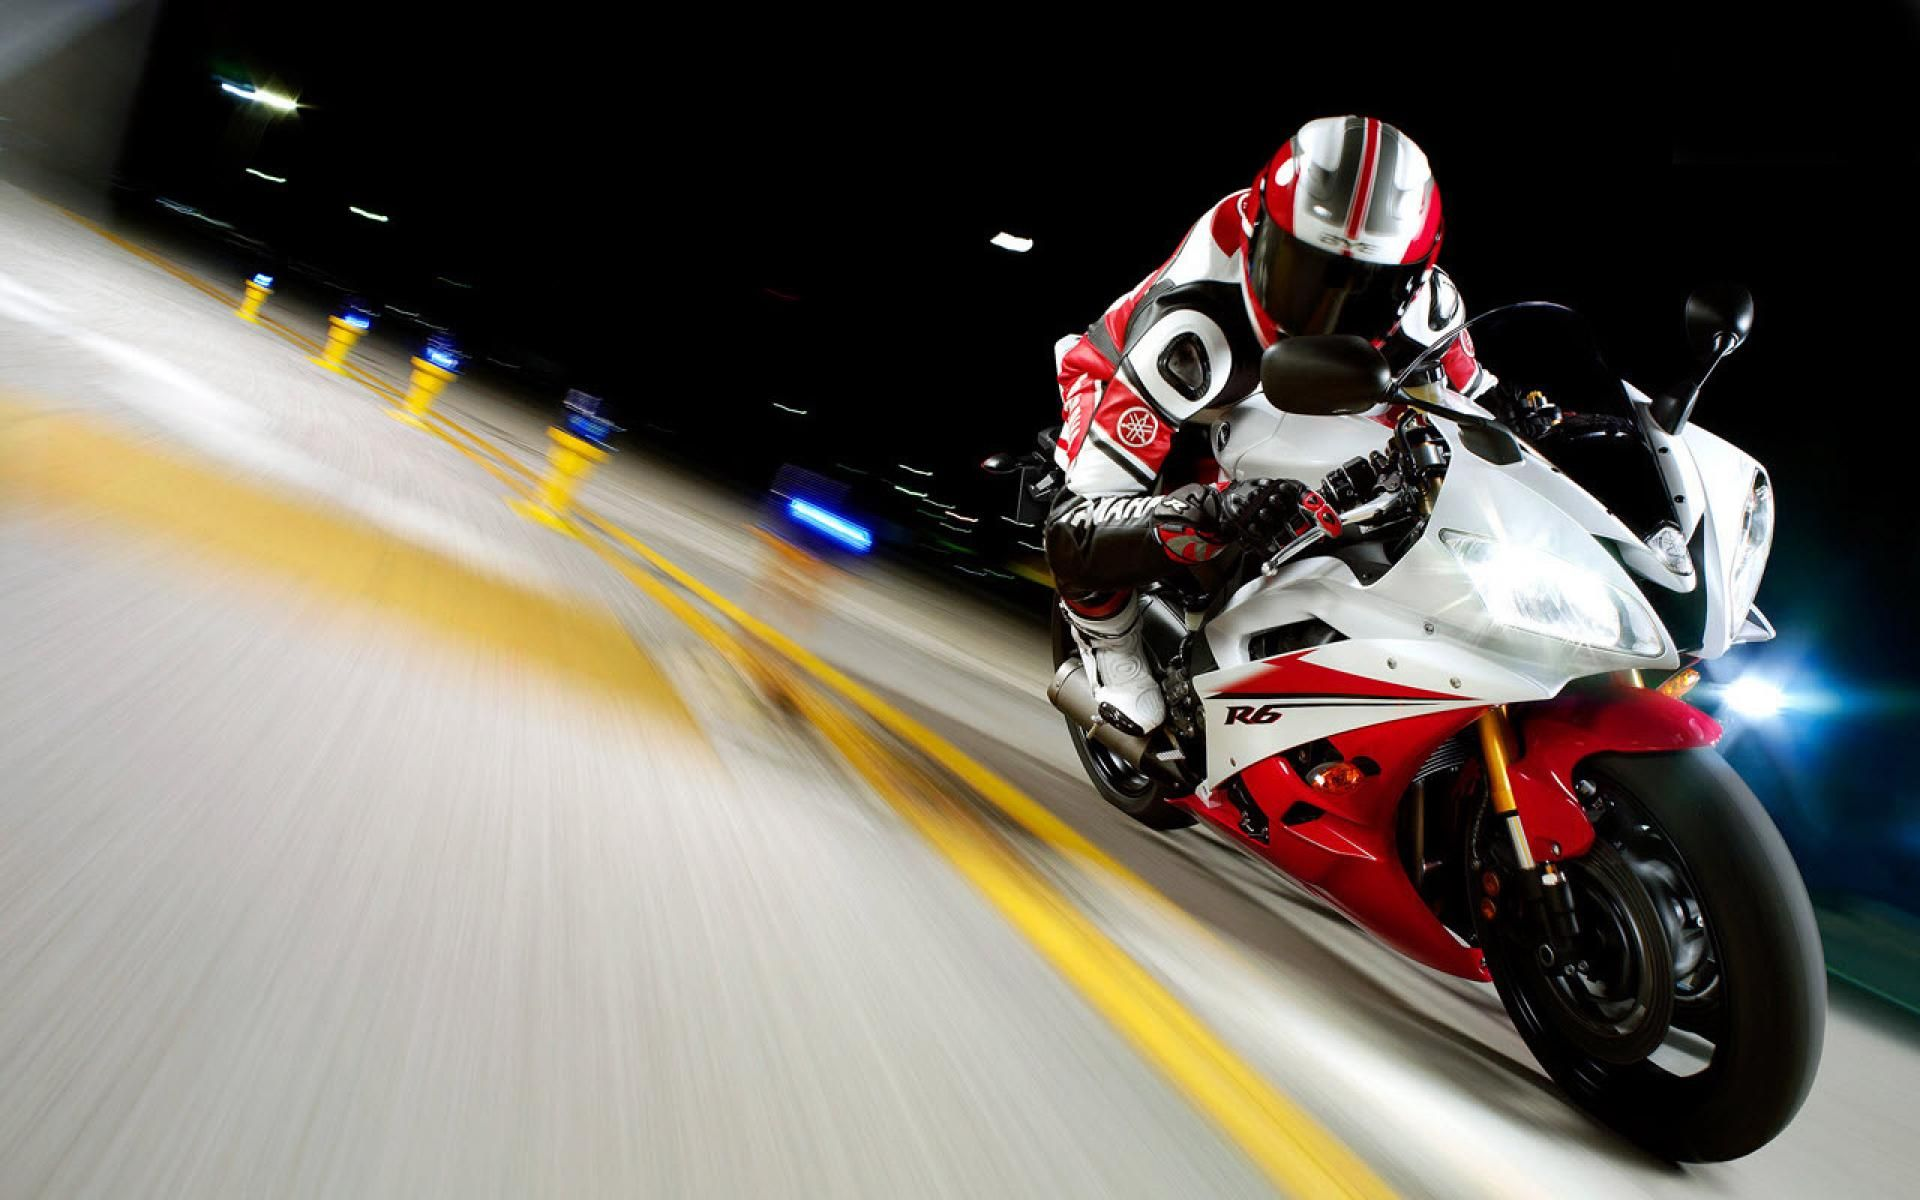 Ducati 1198 Superbike Superbike Racing 2 HD desktop wallpaper ...